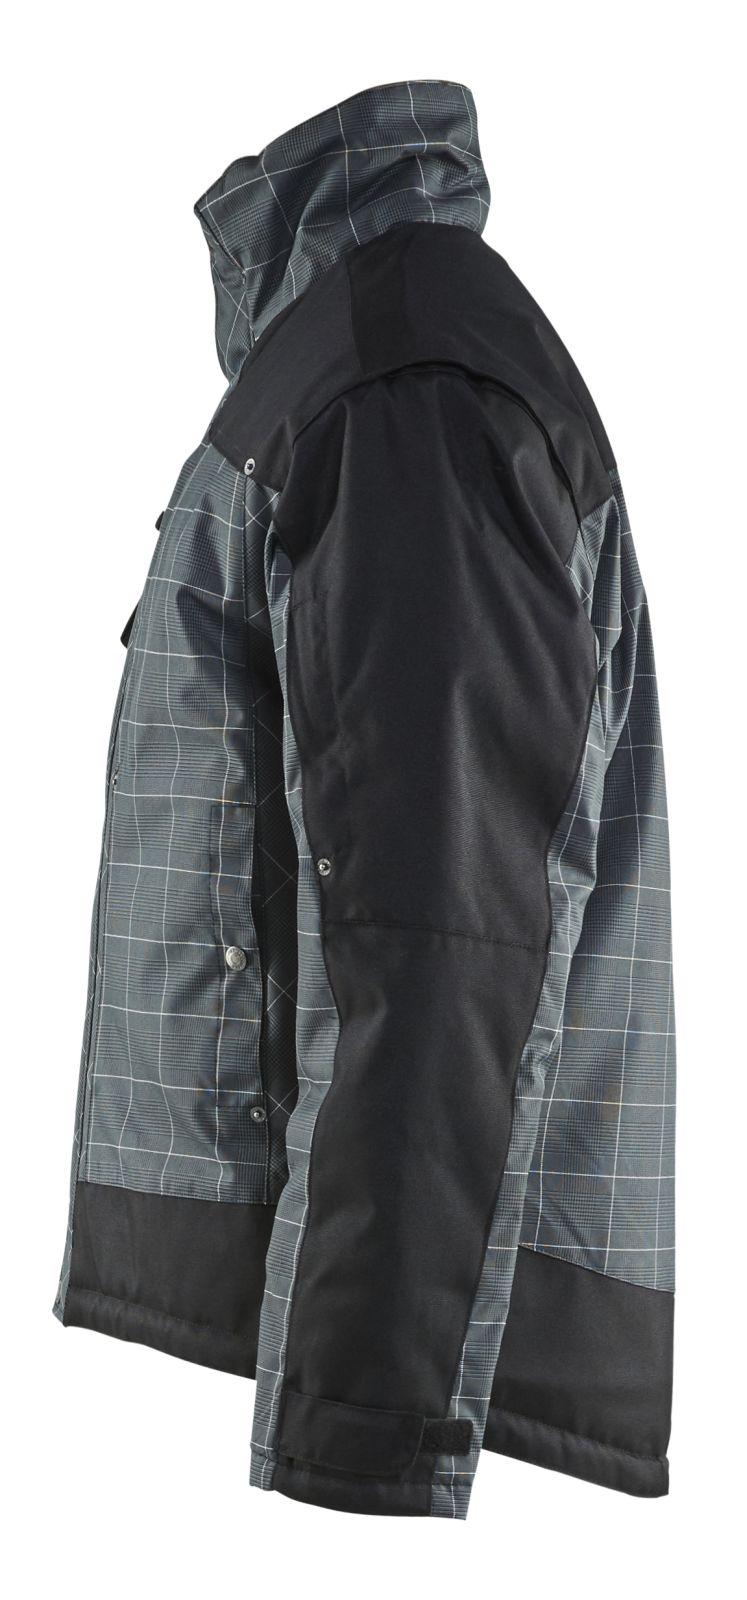 Blaklader Jassen 48451952 grijs-zwart(9499)